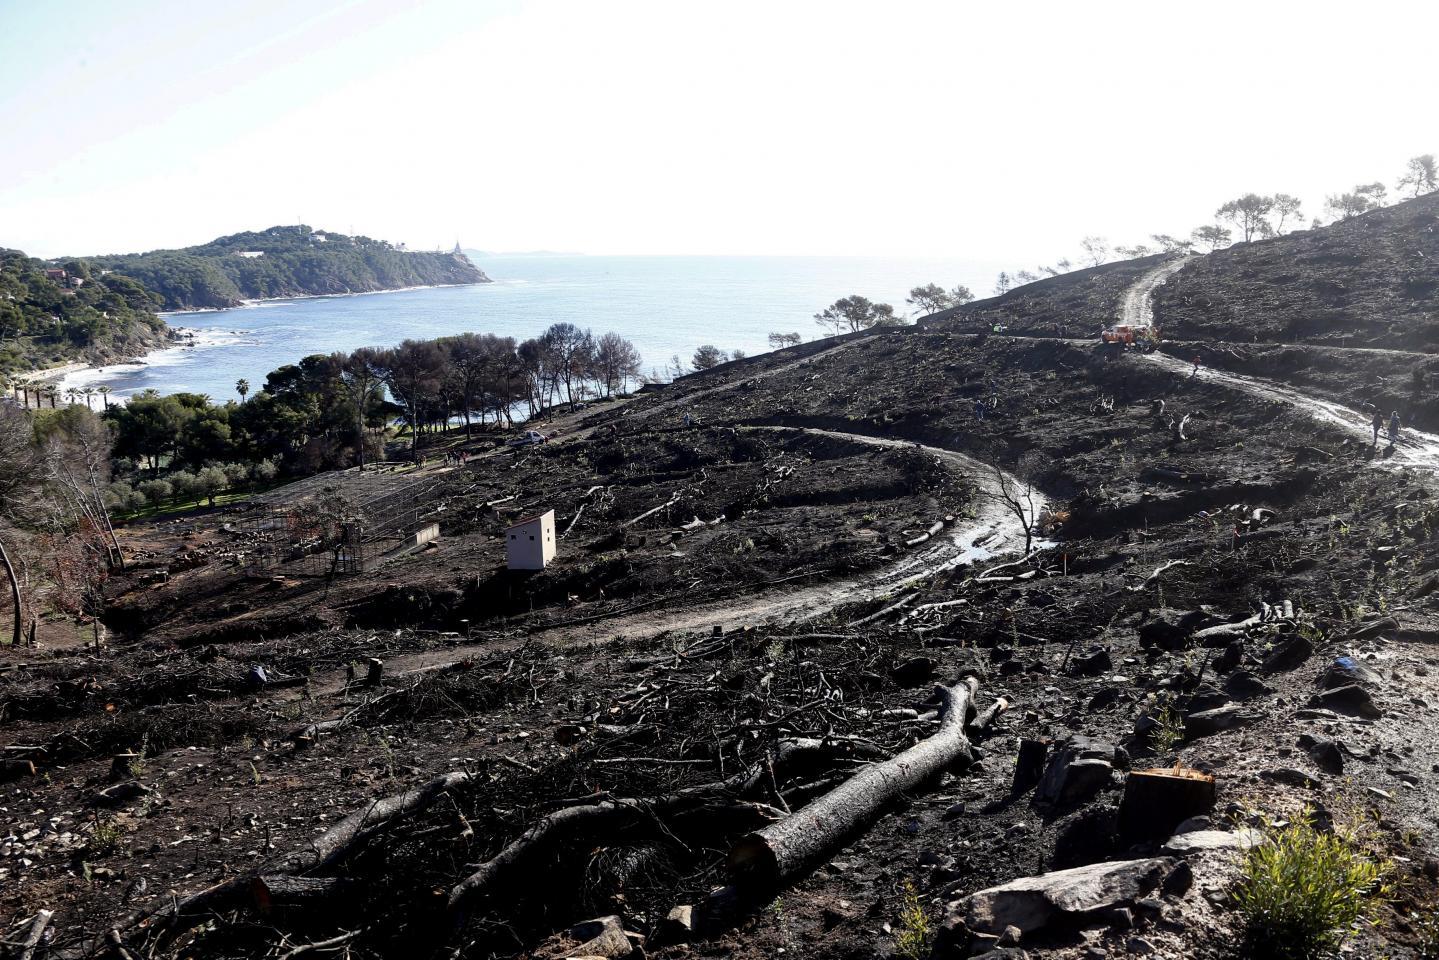 Un incendie a parcouru entre 25 et 30 hectares de la forêt, le 29 juillet.